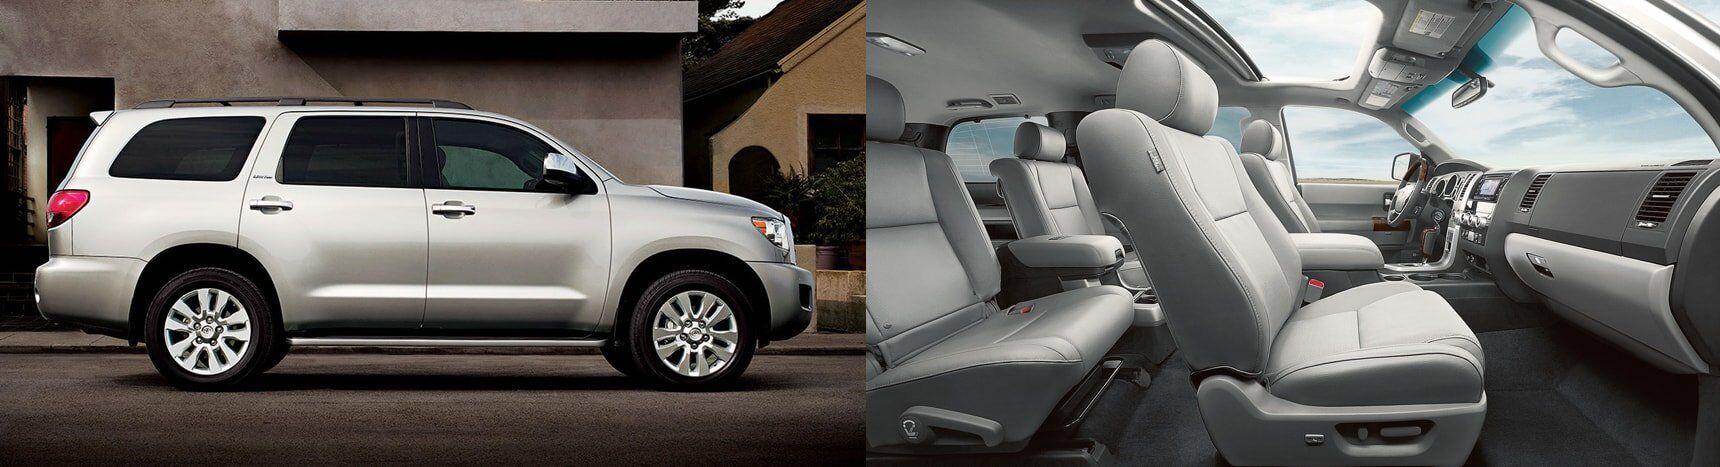 2017 Toyota Sequoia Interior and Exterior